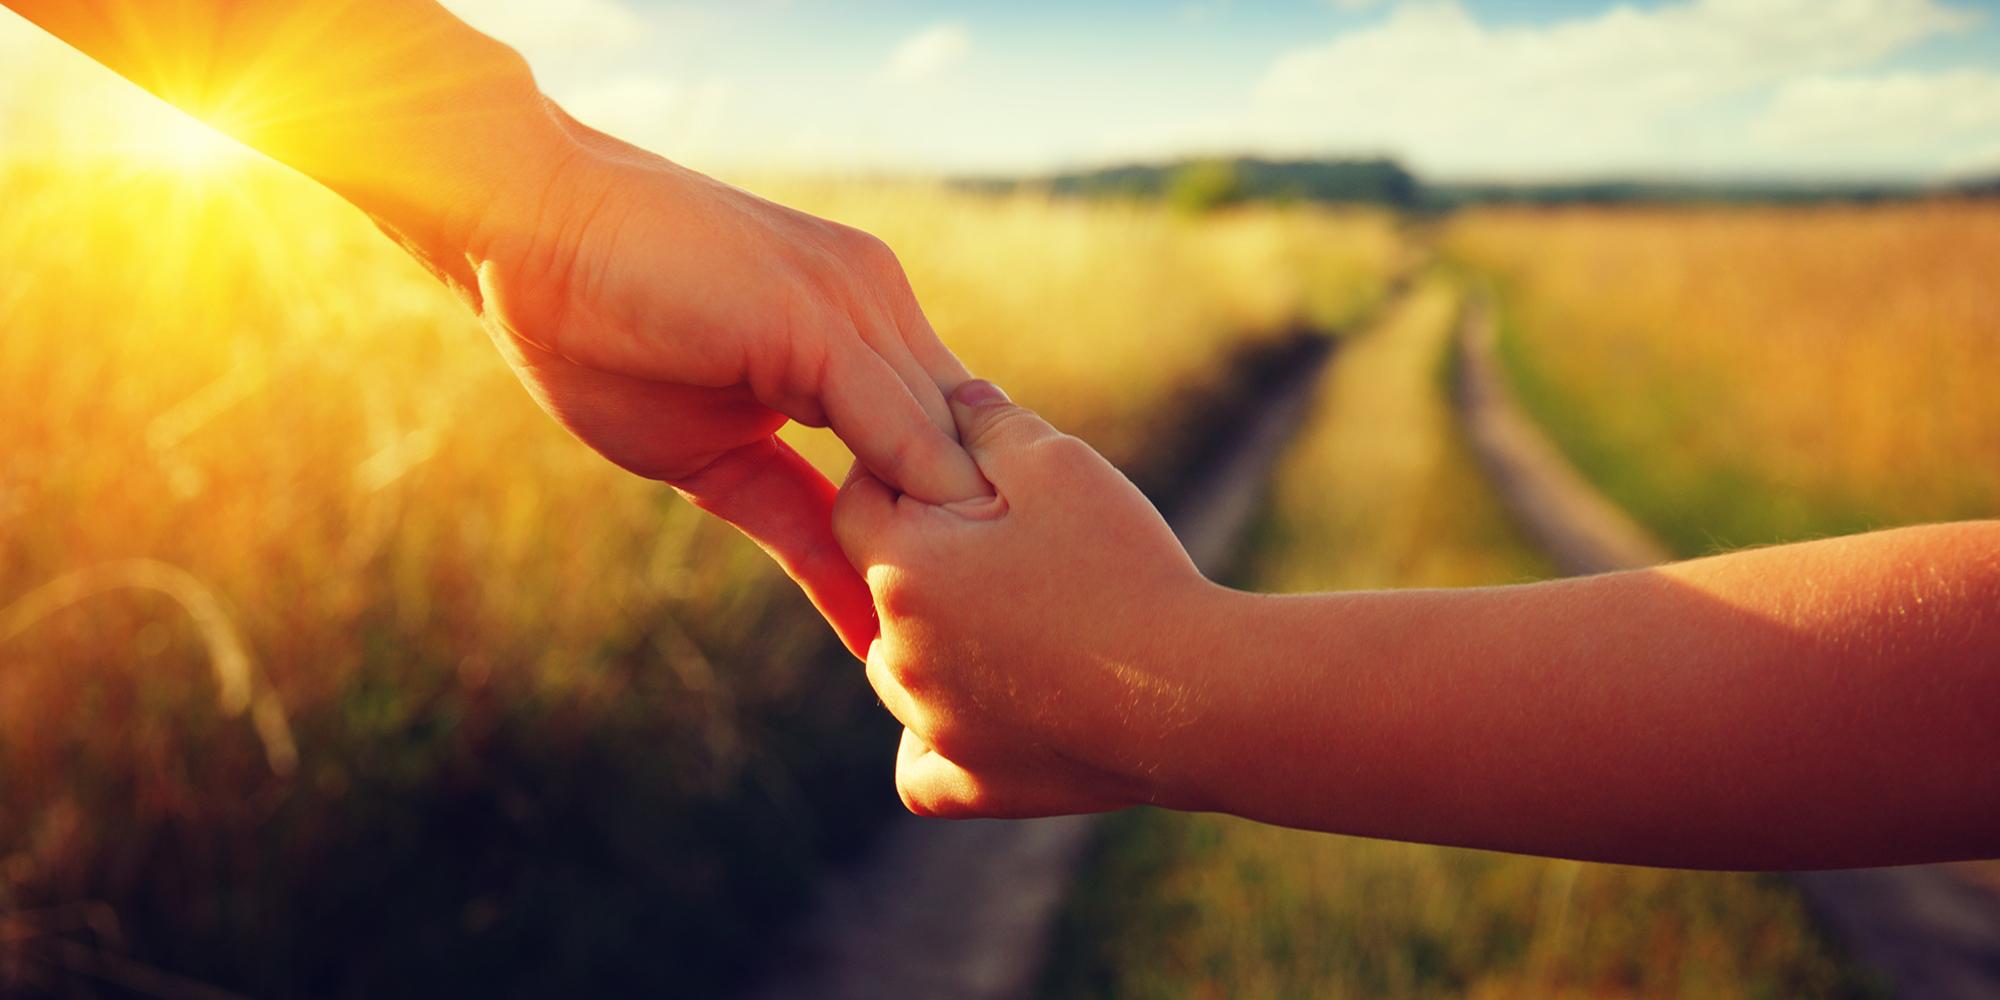 bild som visar 2 händer som hålls när de går längs en väg